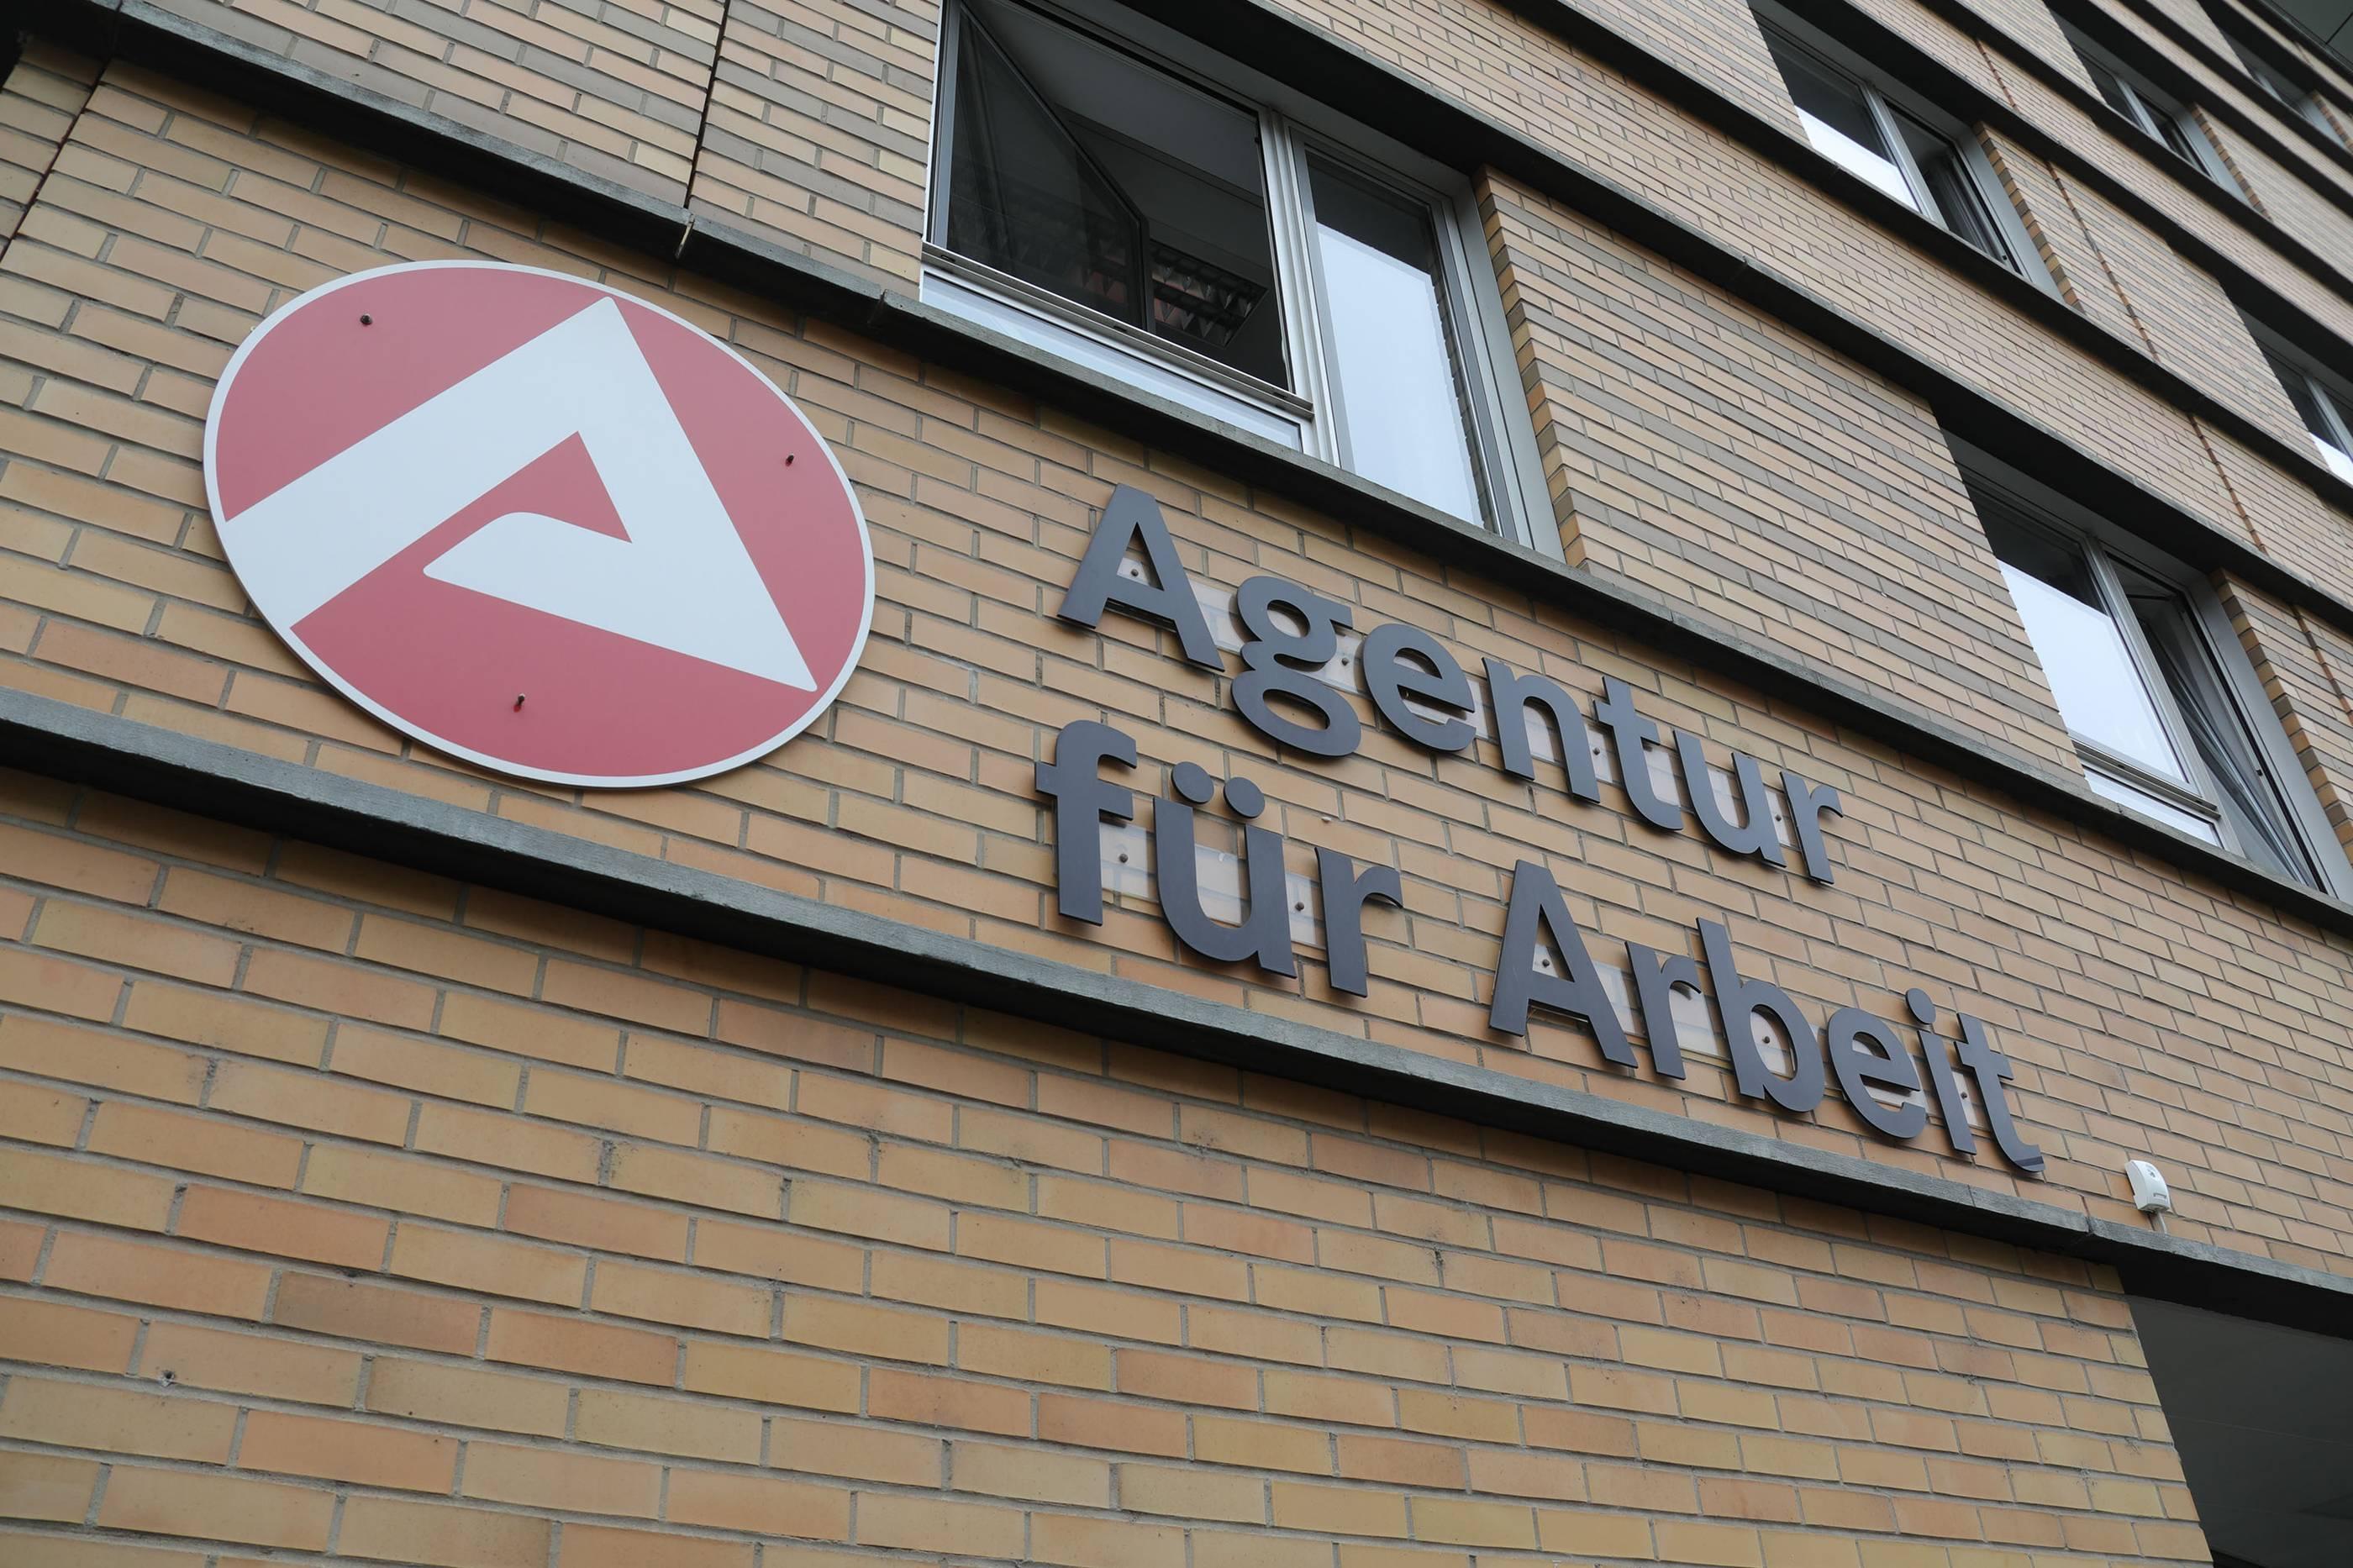 Arbeitsagentur Saarbrücken